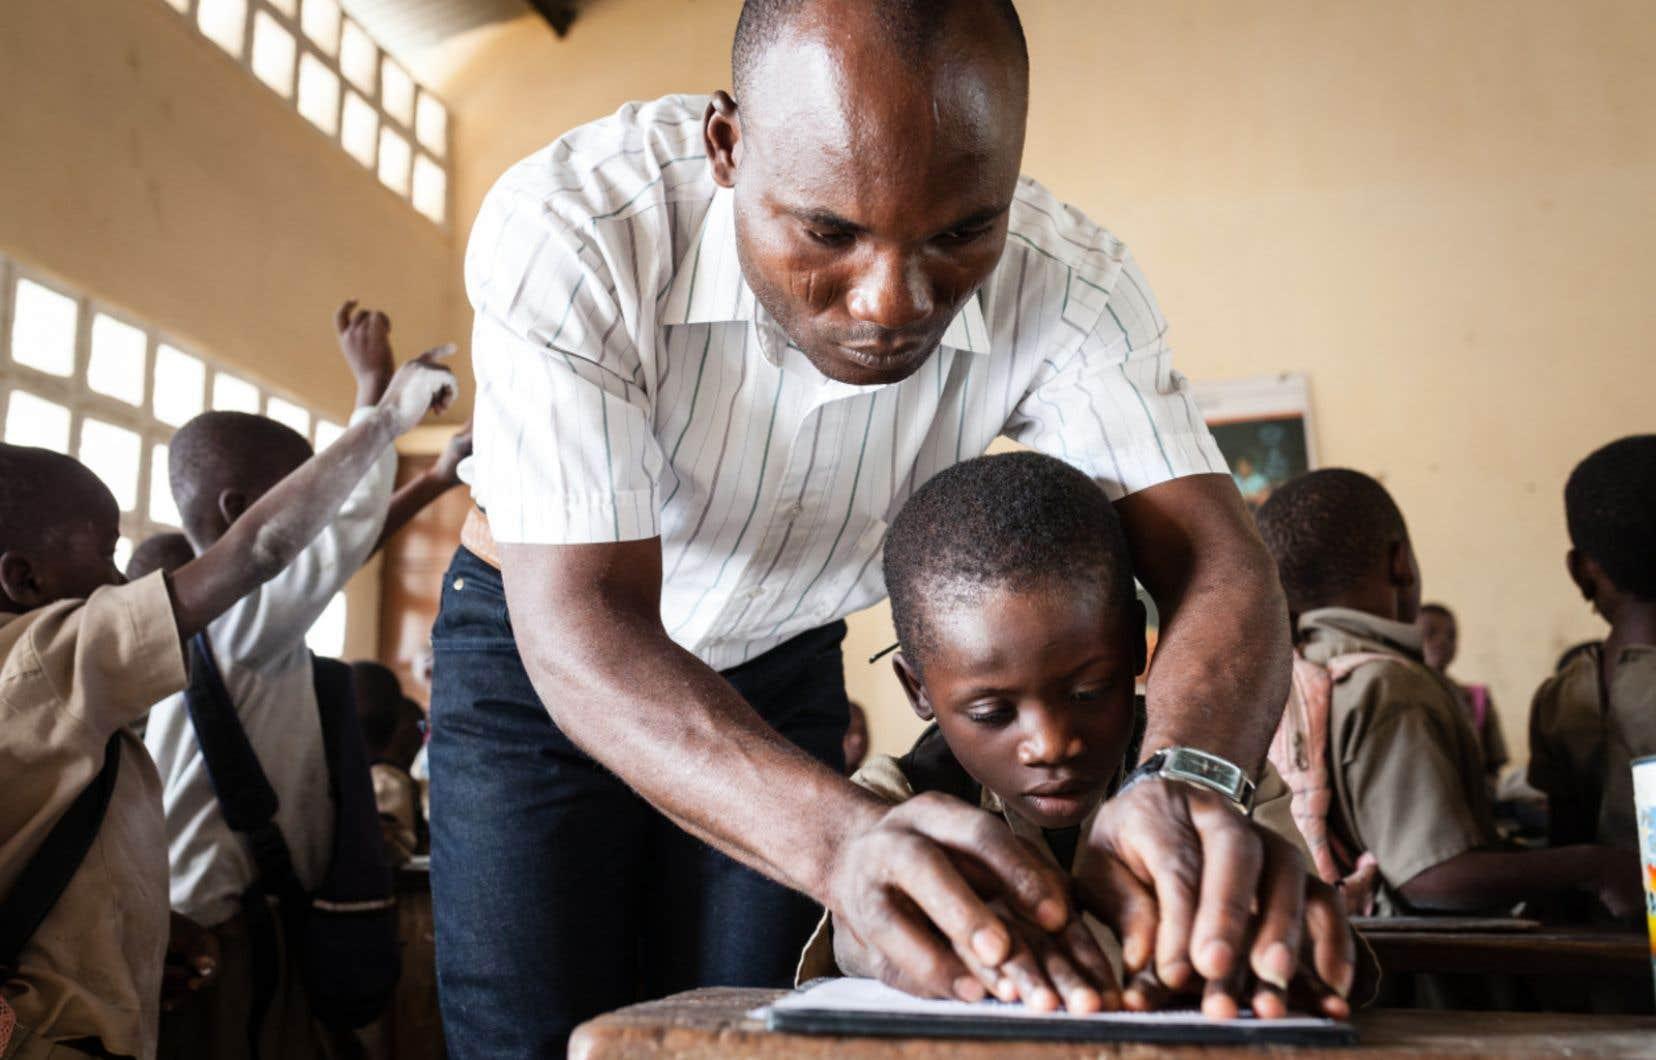 Tresor, un jeune Congolais de septans mal voyant, est intégré à l'école en milieu ordinaire. Il apprend le braille avec le soutien d'un enseignant itinérant.